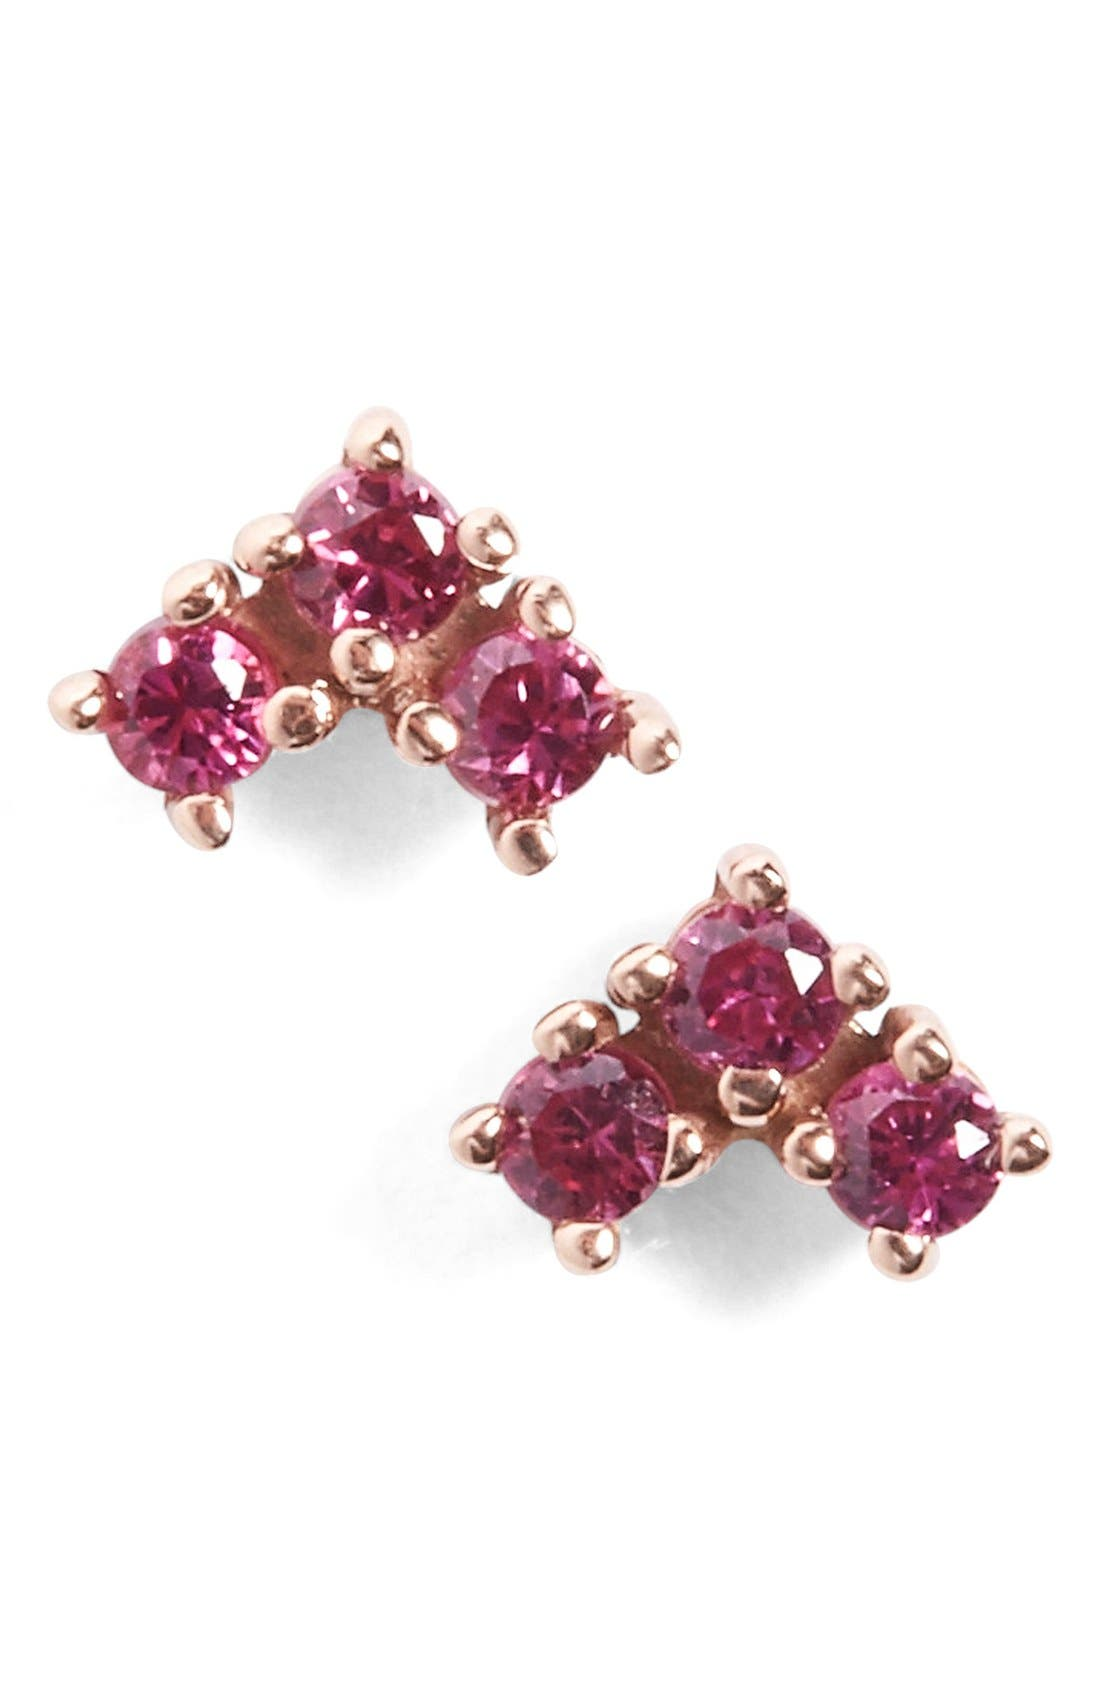 'Bea' Ruby Arrow Stud Earrings,                             Main thumbnail 1, color,                             640